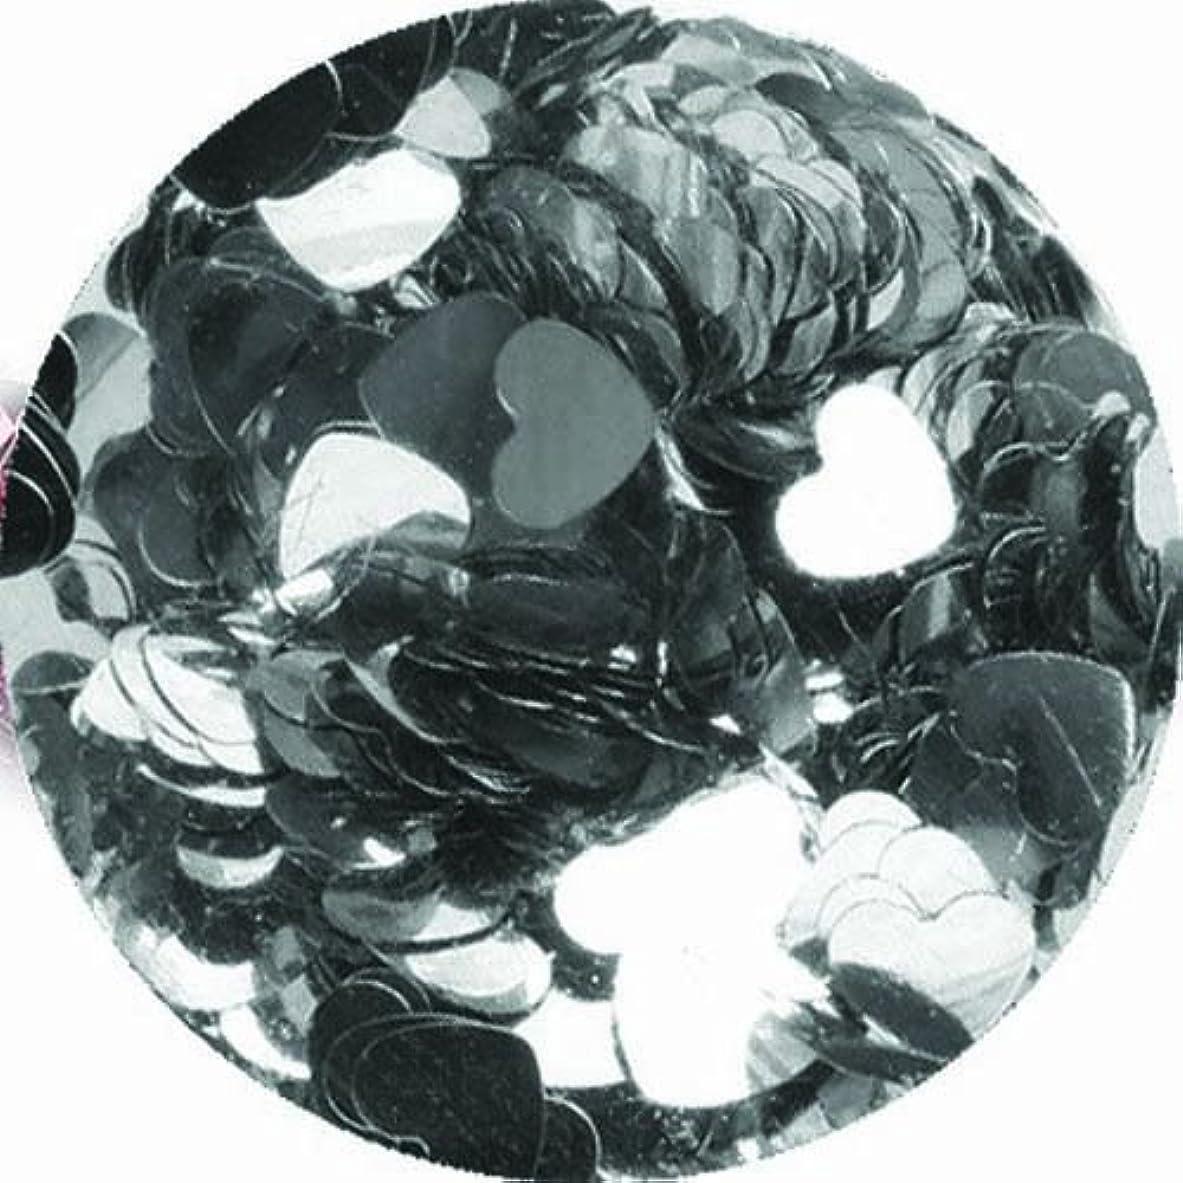 最小化するメトロポリタン実用的ビューティーネイラー ネイル用パウダー 黒崎えり子 ジュエリーコレクション シルバーハート